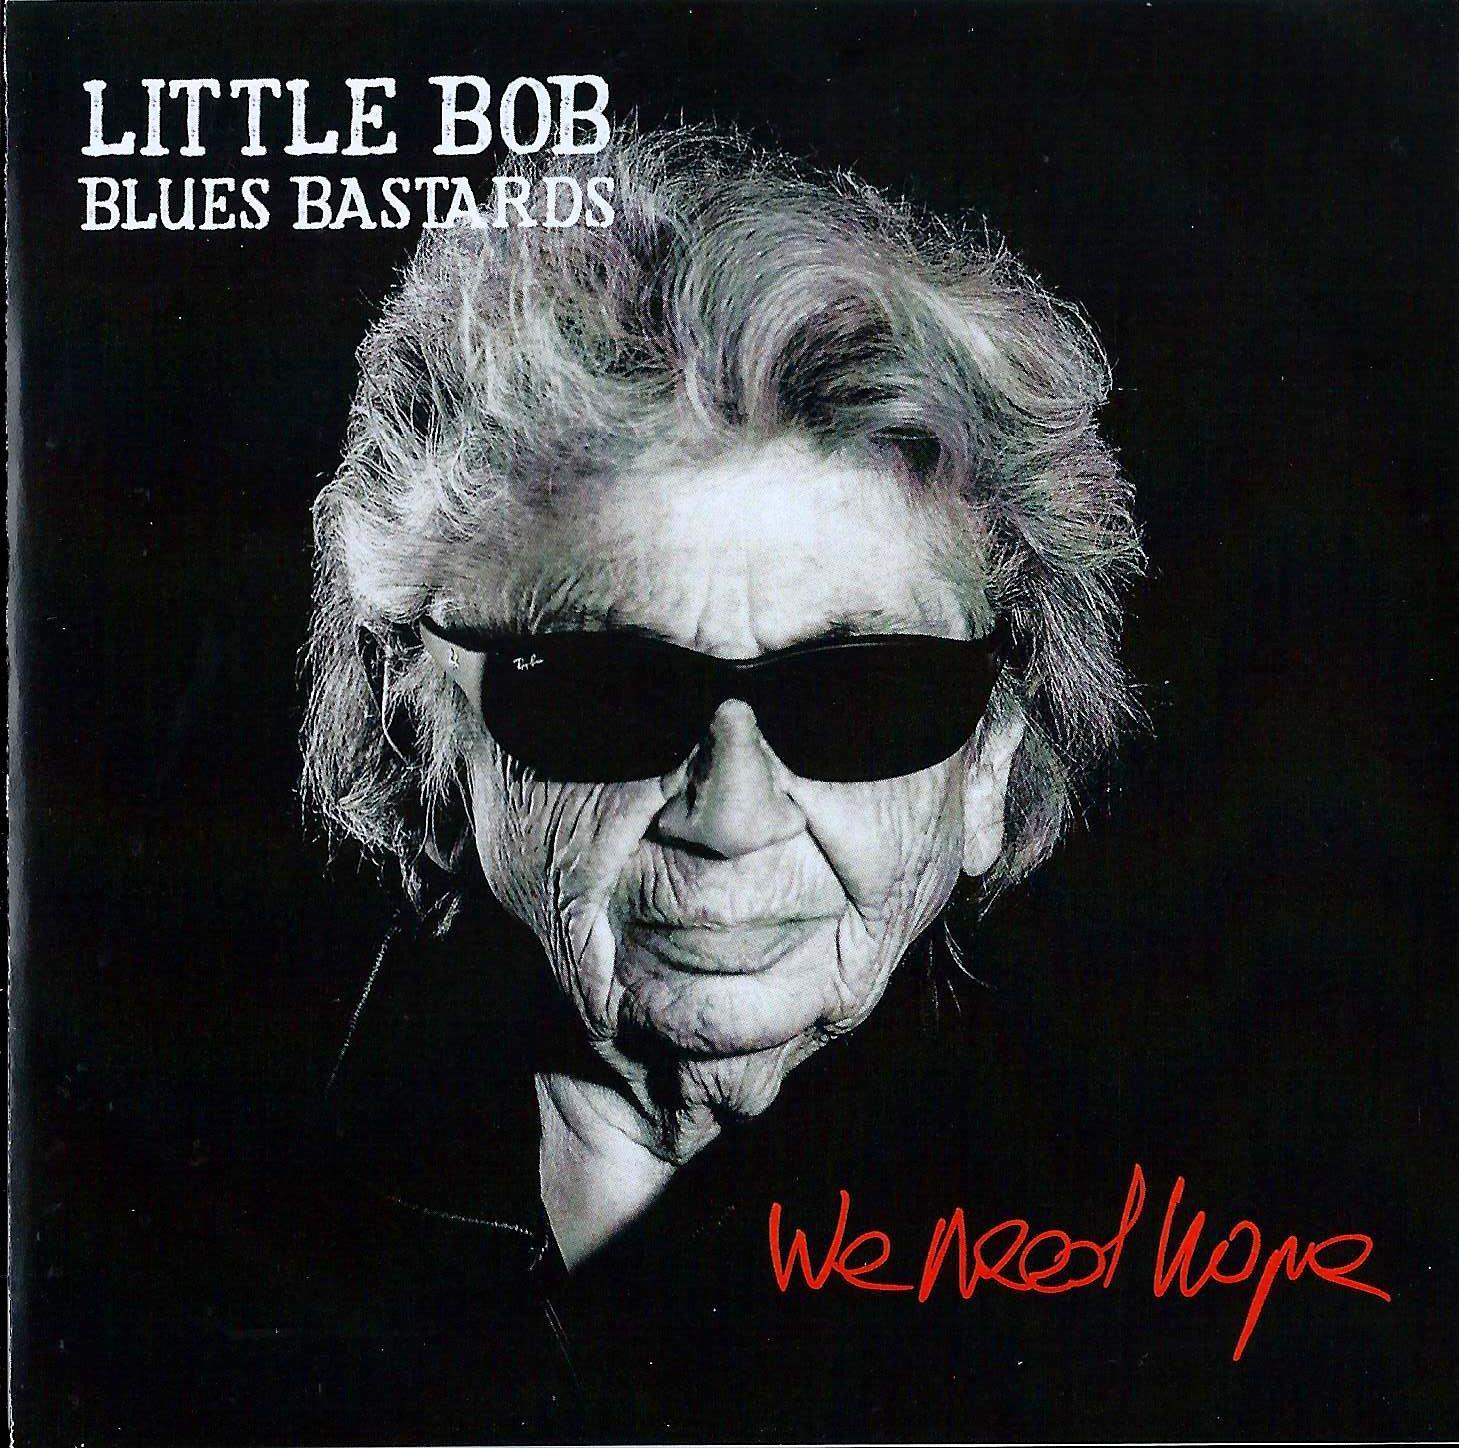 LITTLE BOB BLUES BASTARDS 2021 - We Need Hope